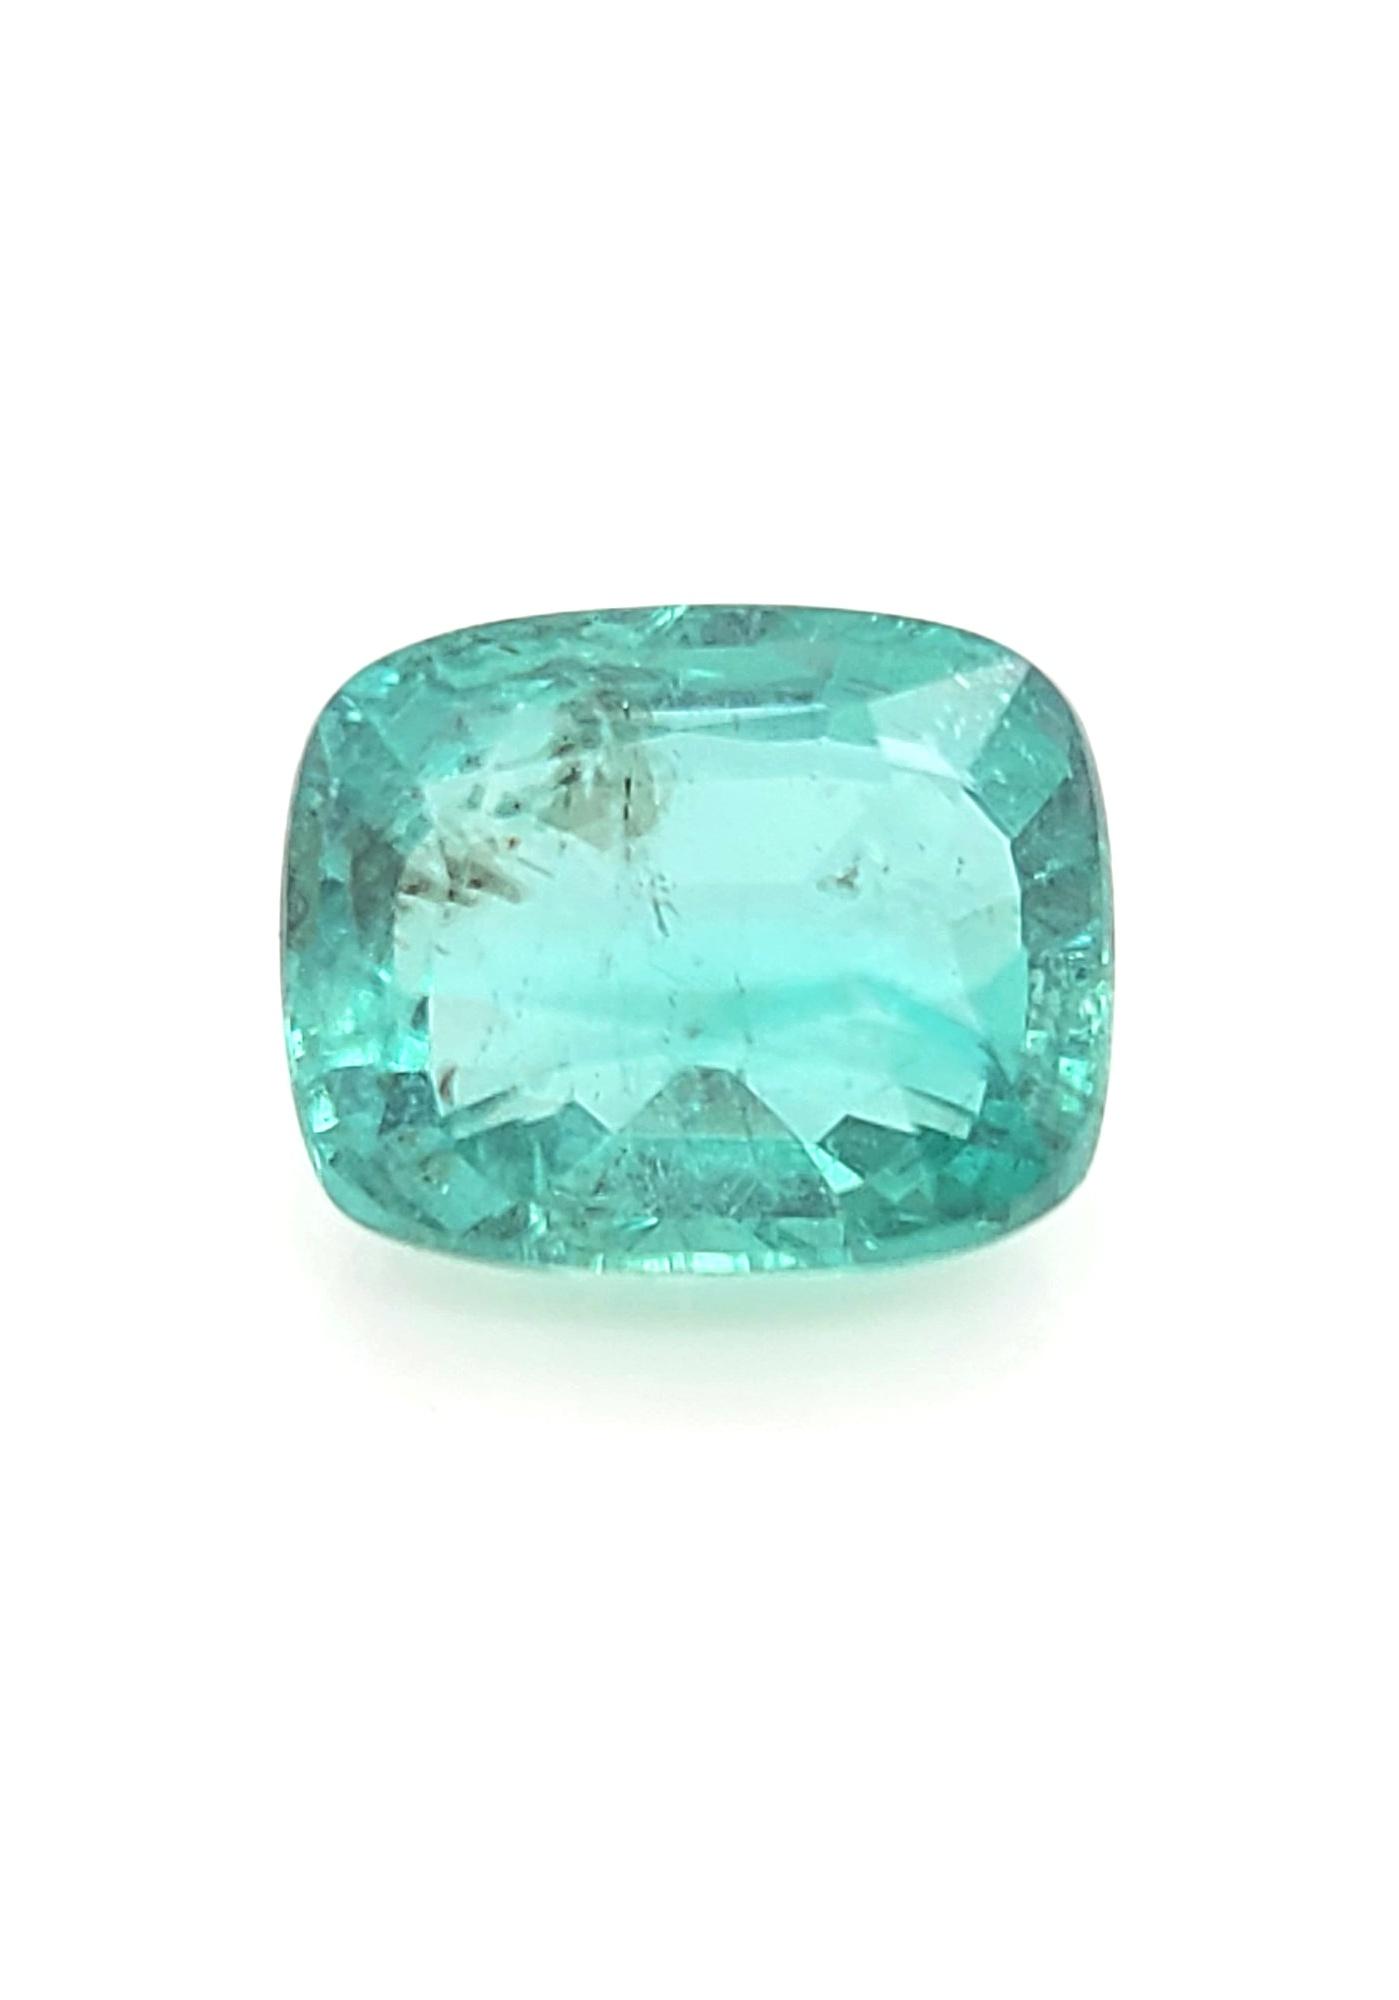 Zambian Emerald 2.0ct, 9x8mm GIA certificate